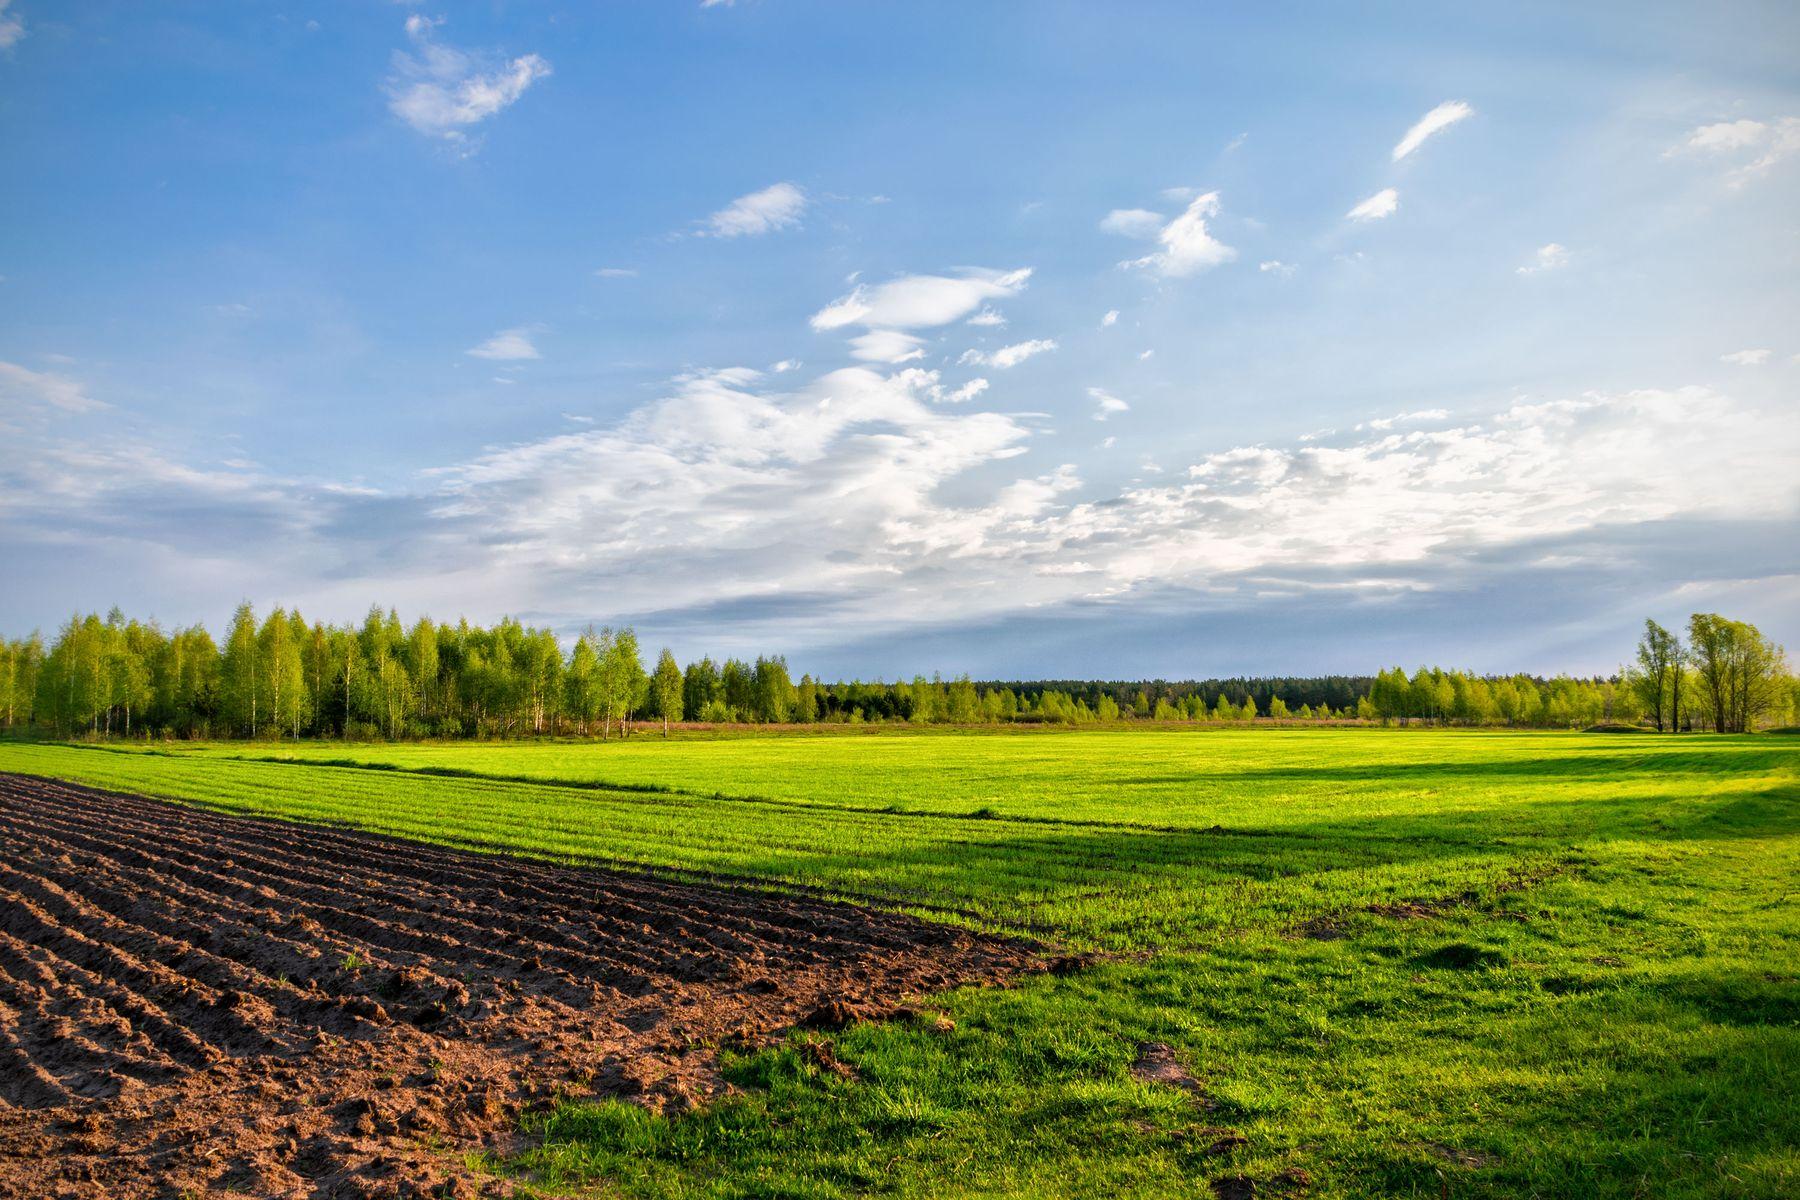 Утро нового дня Утро трава небо вспаханная земля тени